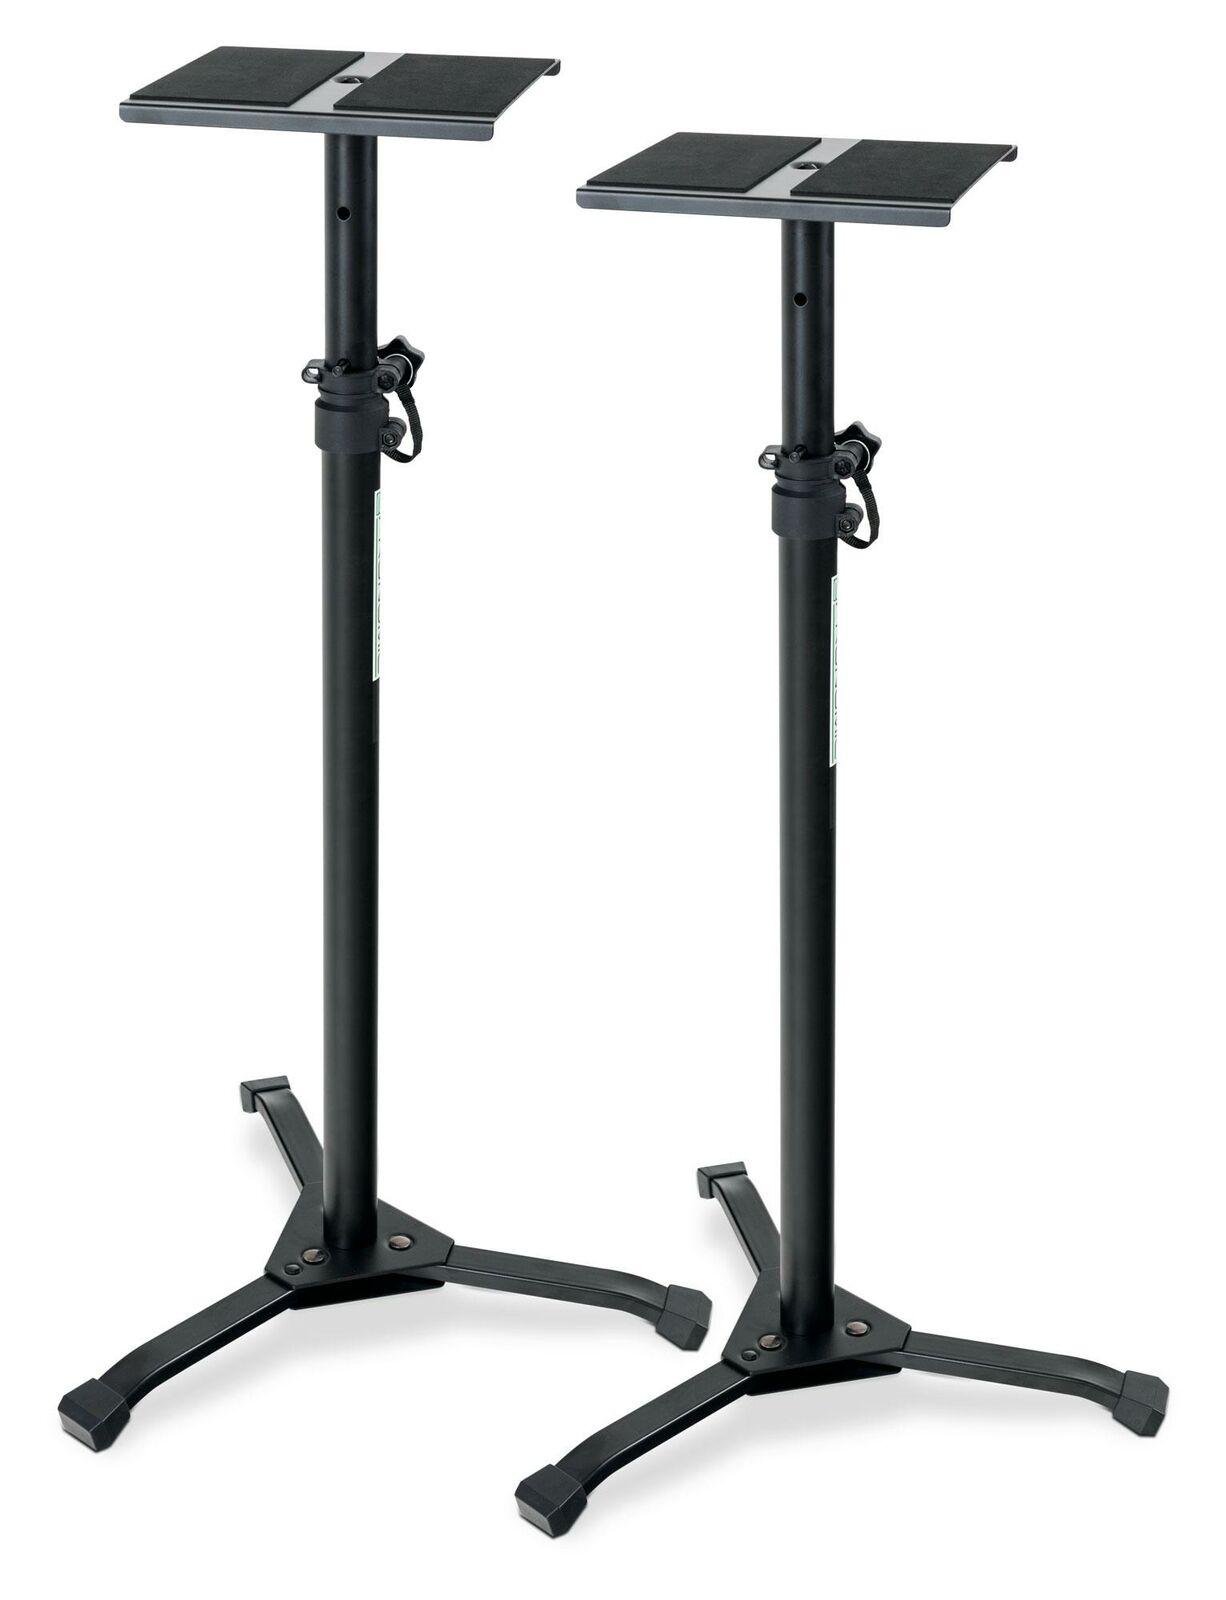 acquista marca 2 supporto pratico in acciaio con con con piedini klapppbaren per studio monitor box  vanno a ruba